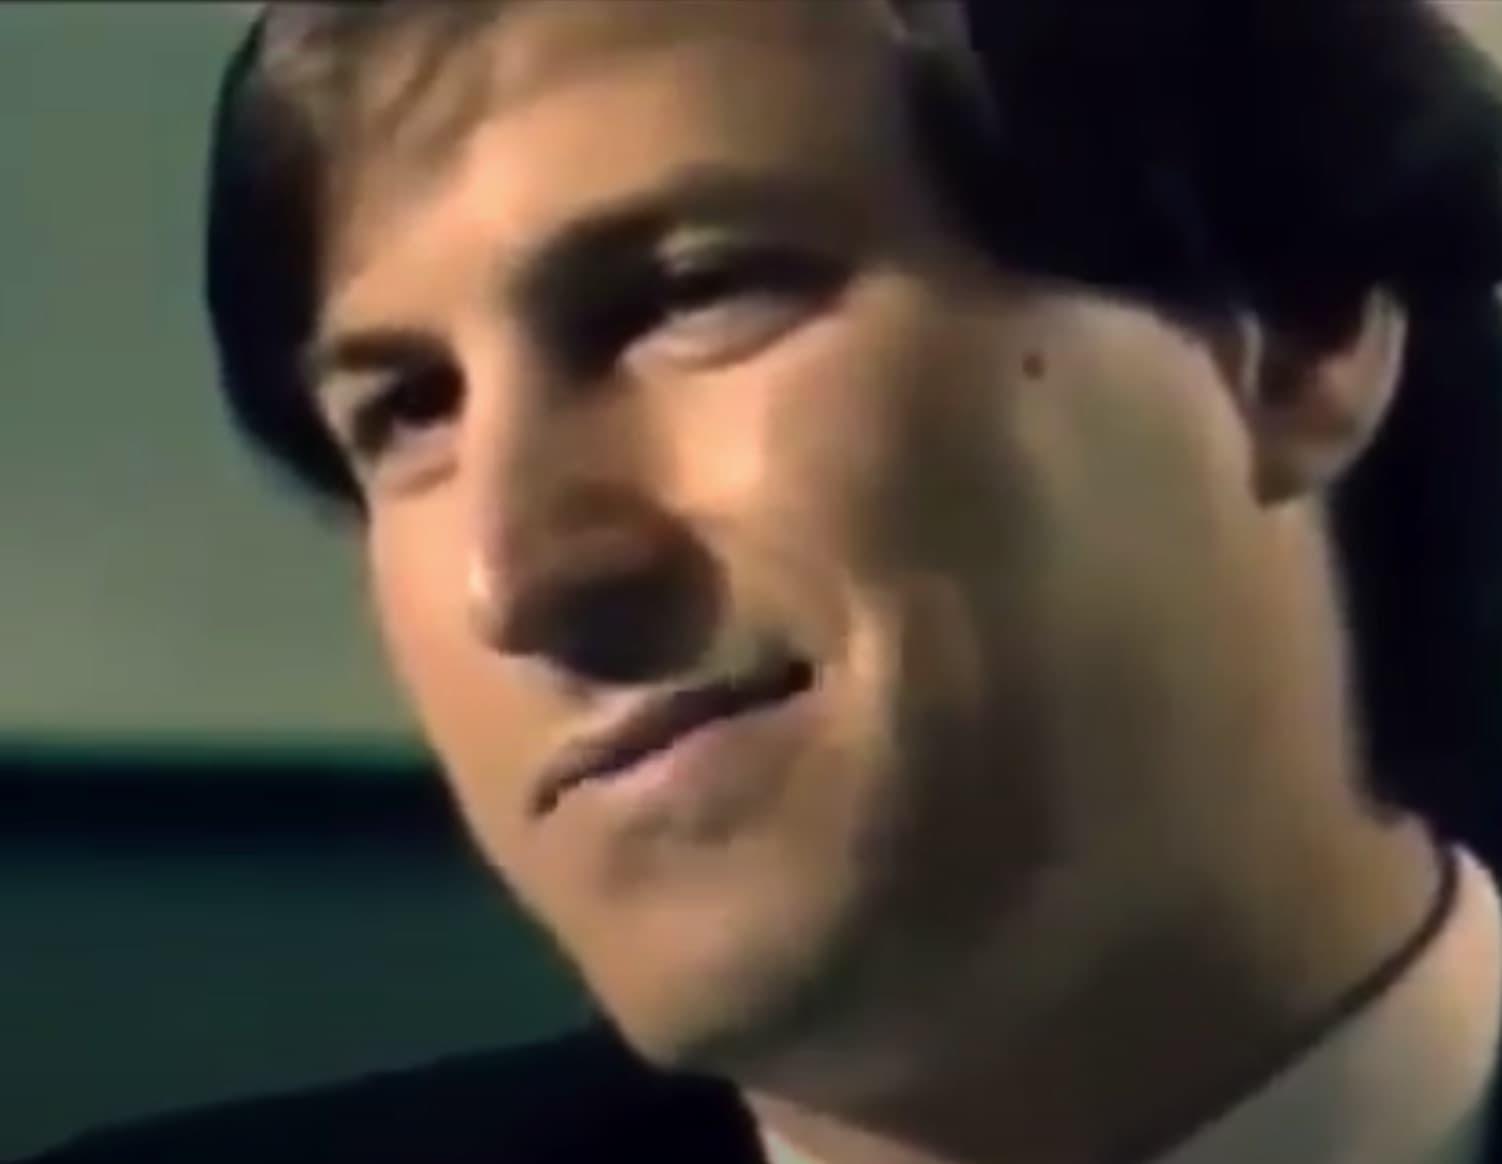 Steve Jobs 1990 interview